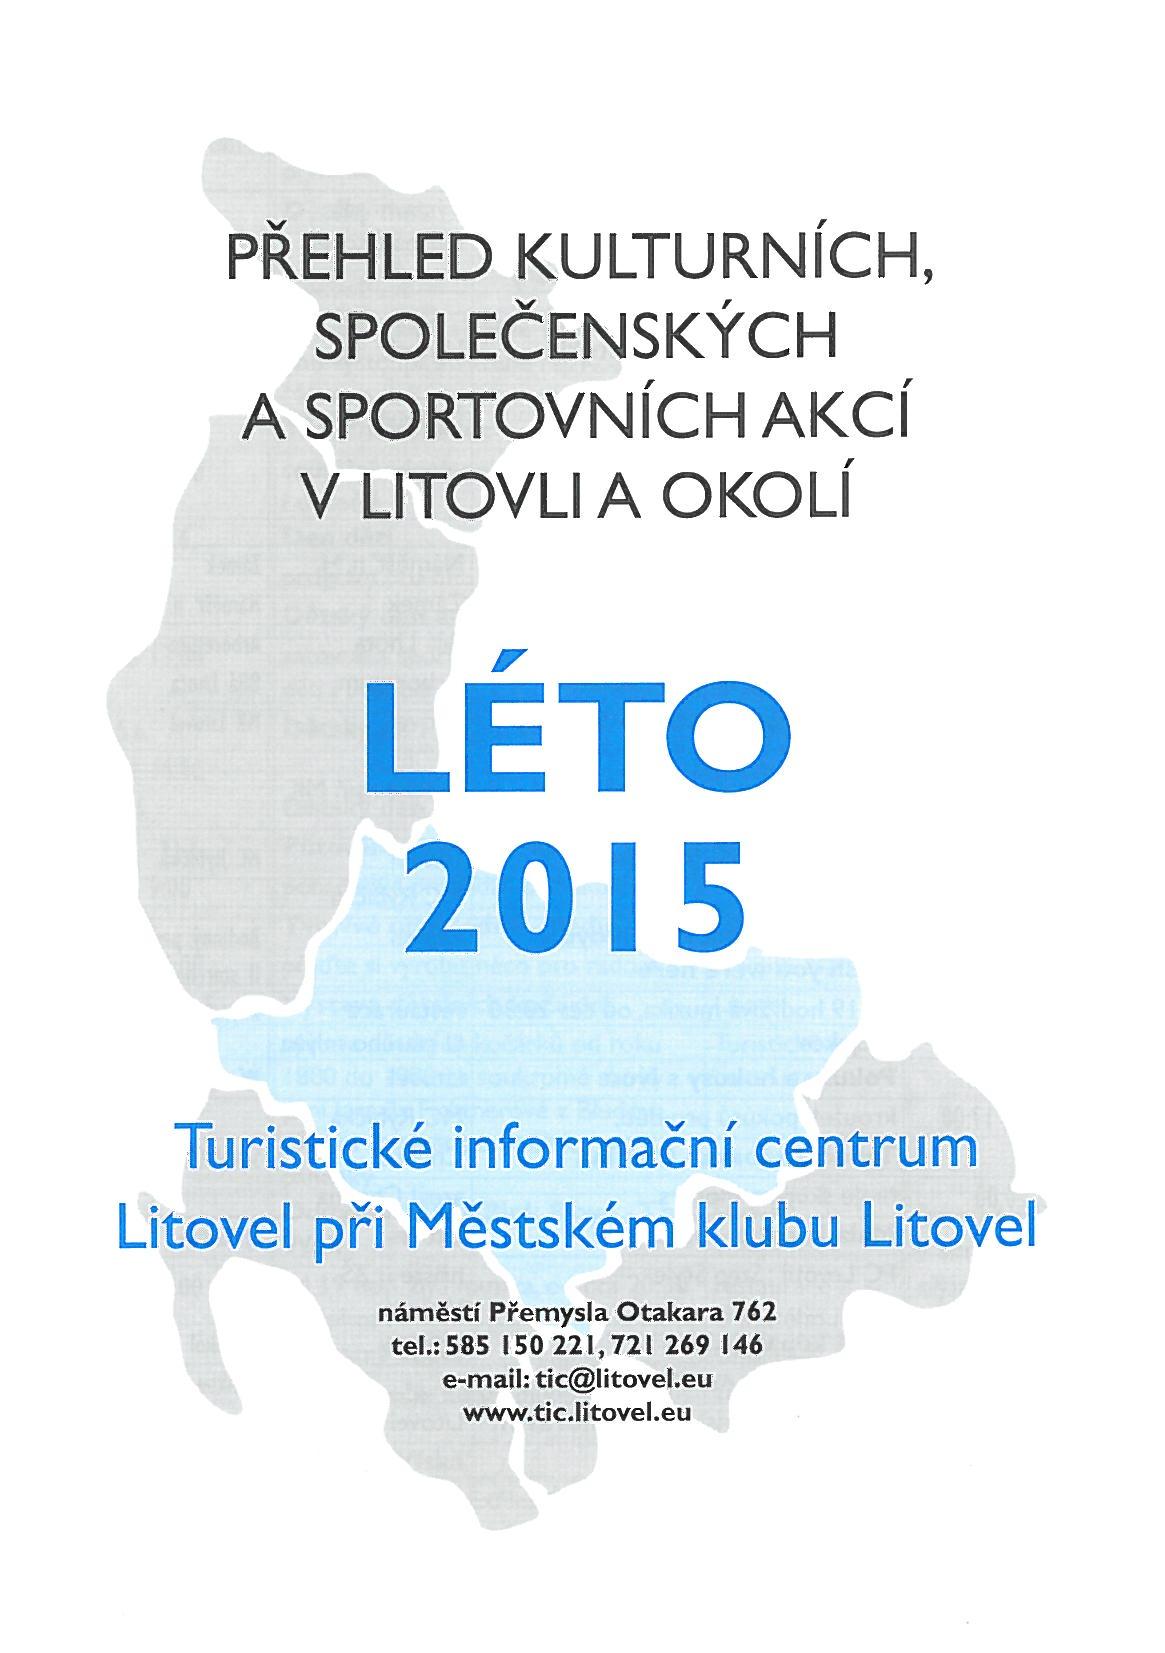 Přehled akcí na léto 2015, obrázek se otevře v novém okně